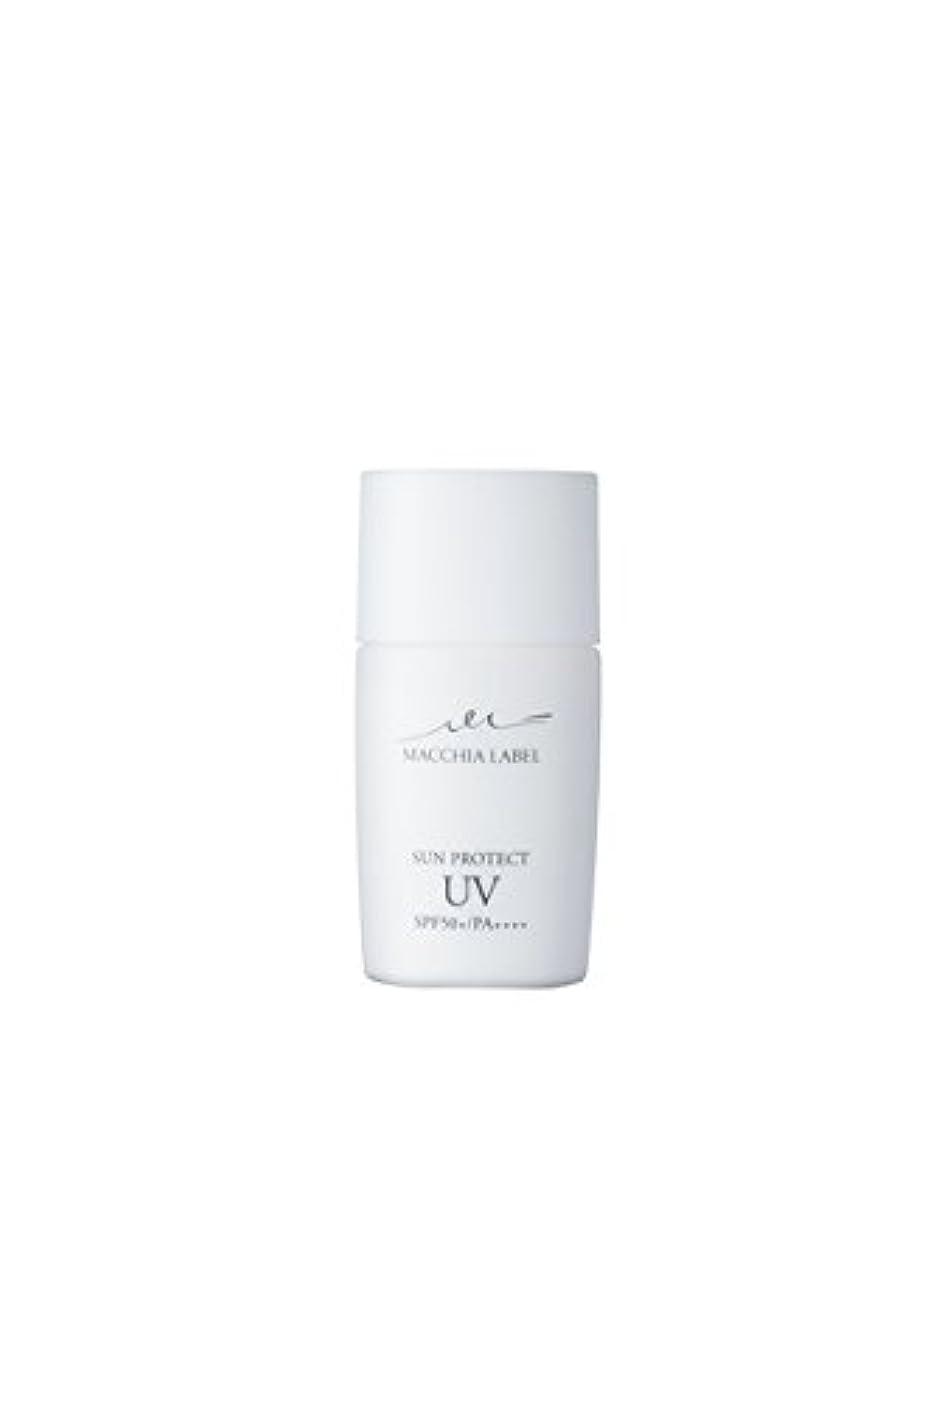 フェード試験リテラシー日焼け止め 医薬部外品 薬用 サンプロテクト UV50+ 【公式マキアレイベル】